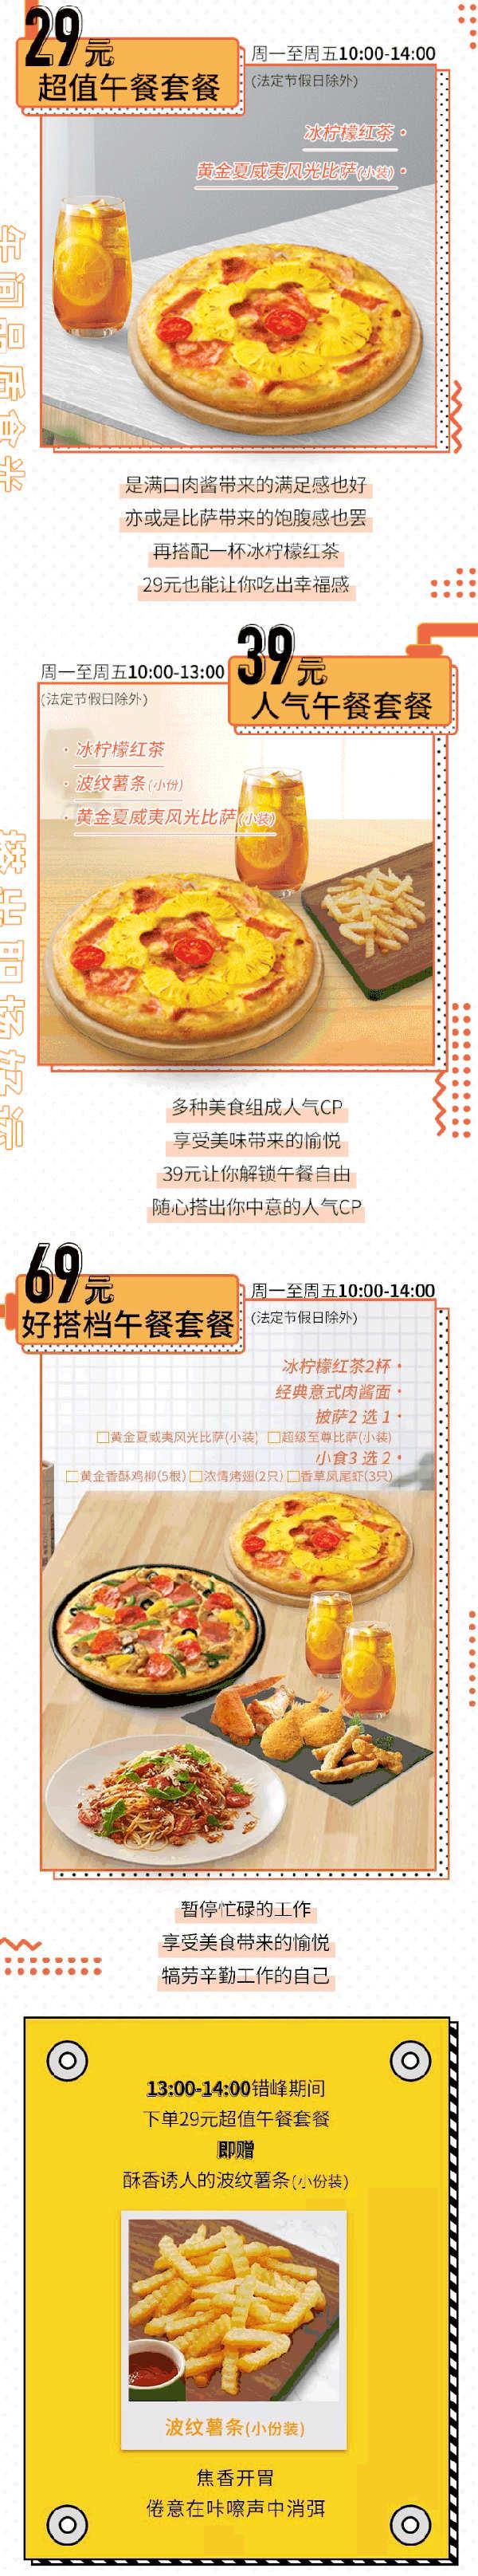 必胜客宅急送工作日特惠午餐套餐29元起,错峰更有薯条送 有效期至:2019年12月31日 www.5ikfc.com